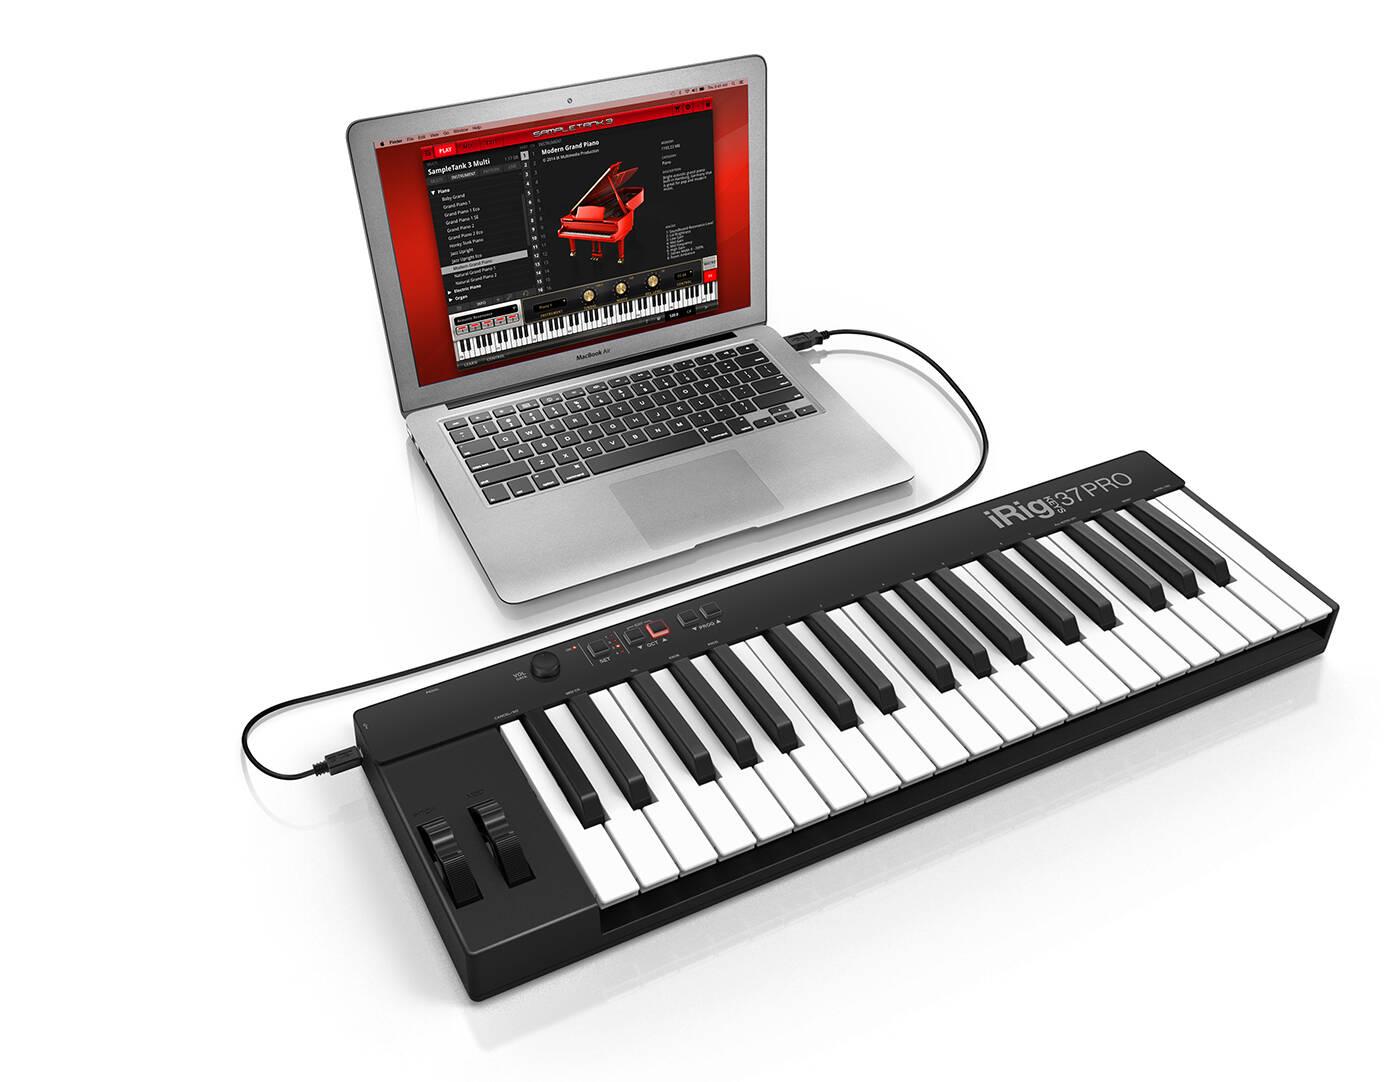 iRigKeysPRO-MacBookAir-st3-red-_20151012